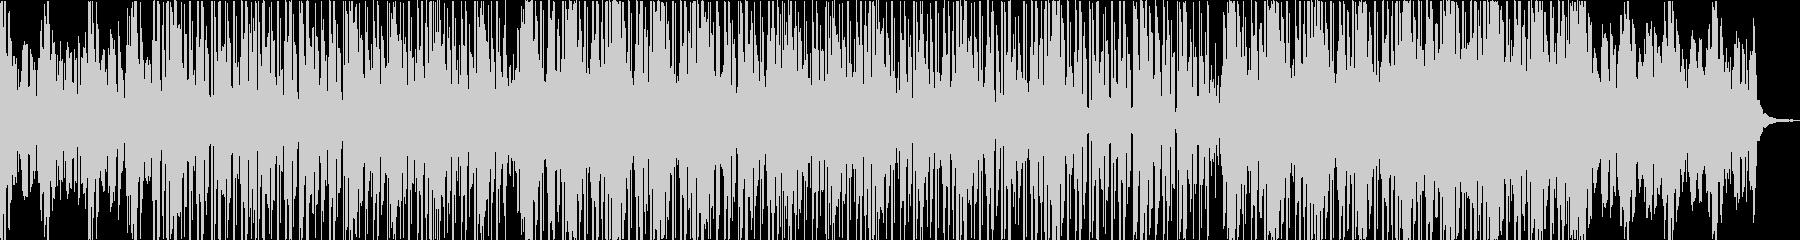 ダブ的なチルアウトミュージック。の未再生の波形